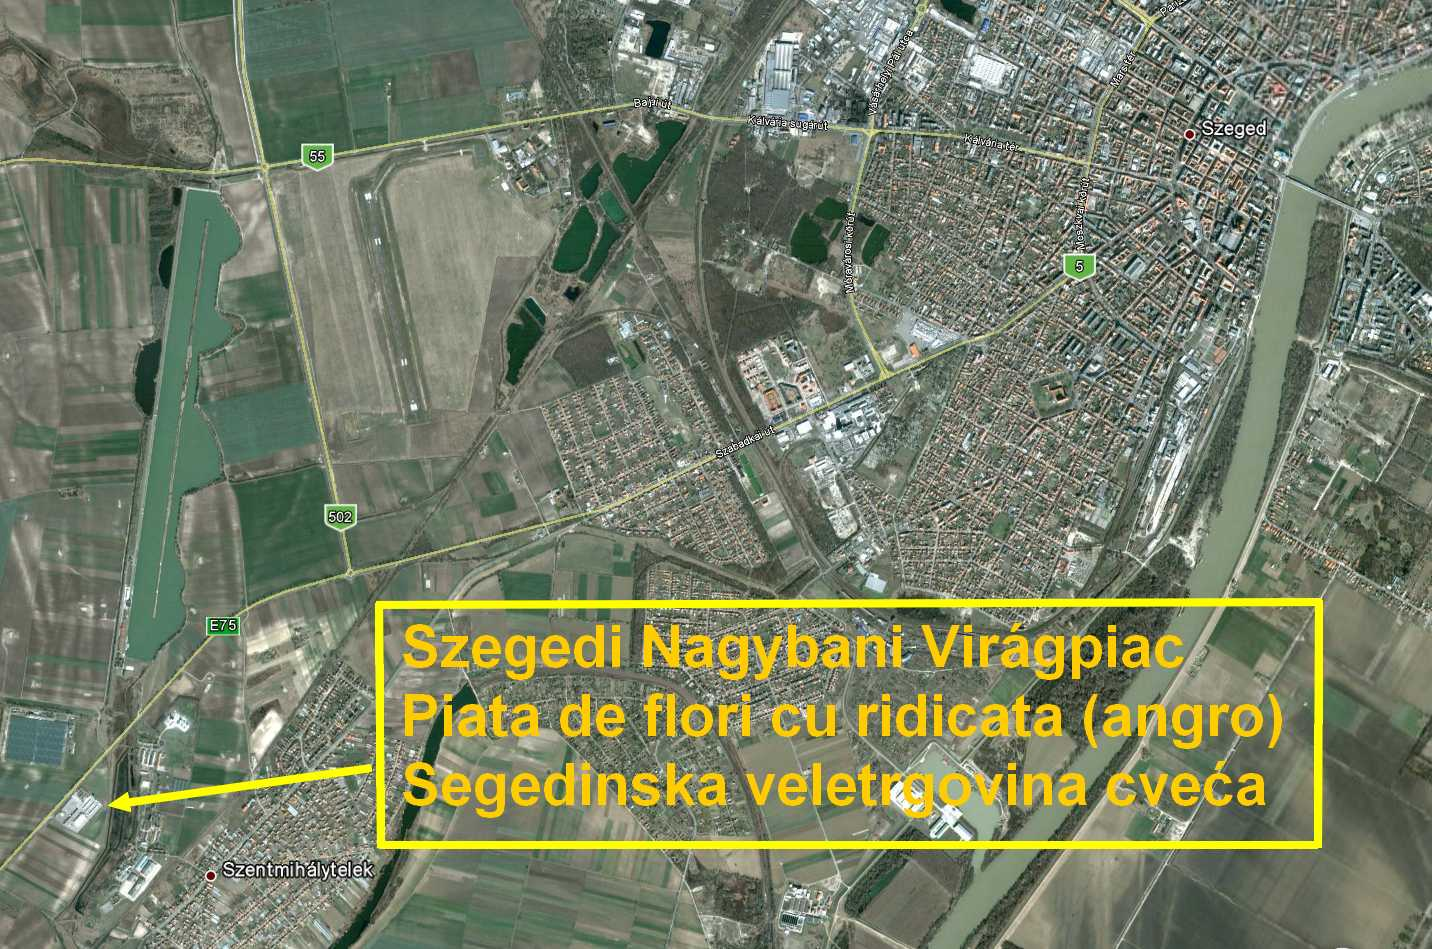 Szegedi Nagybani Viragpiac Reszletes Terkep